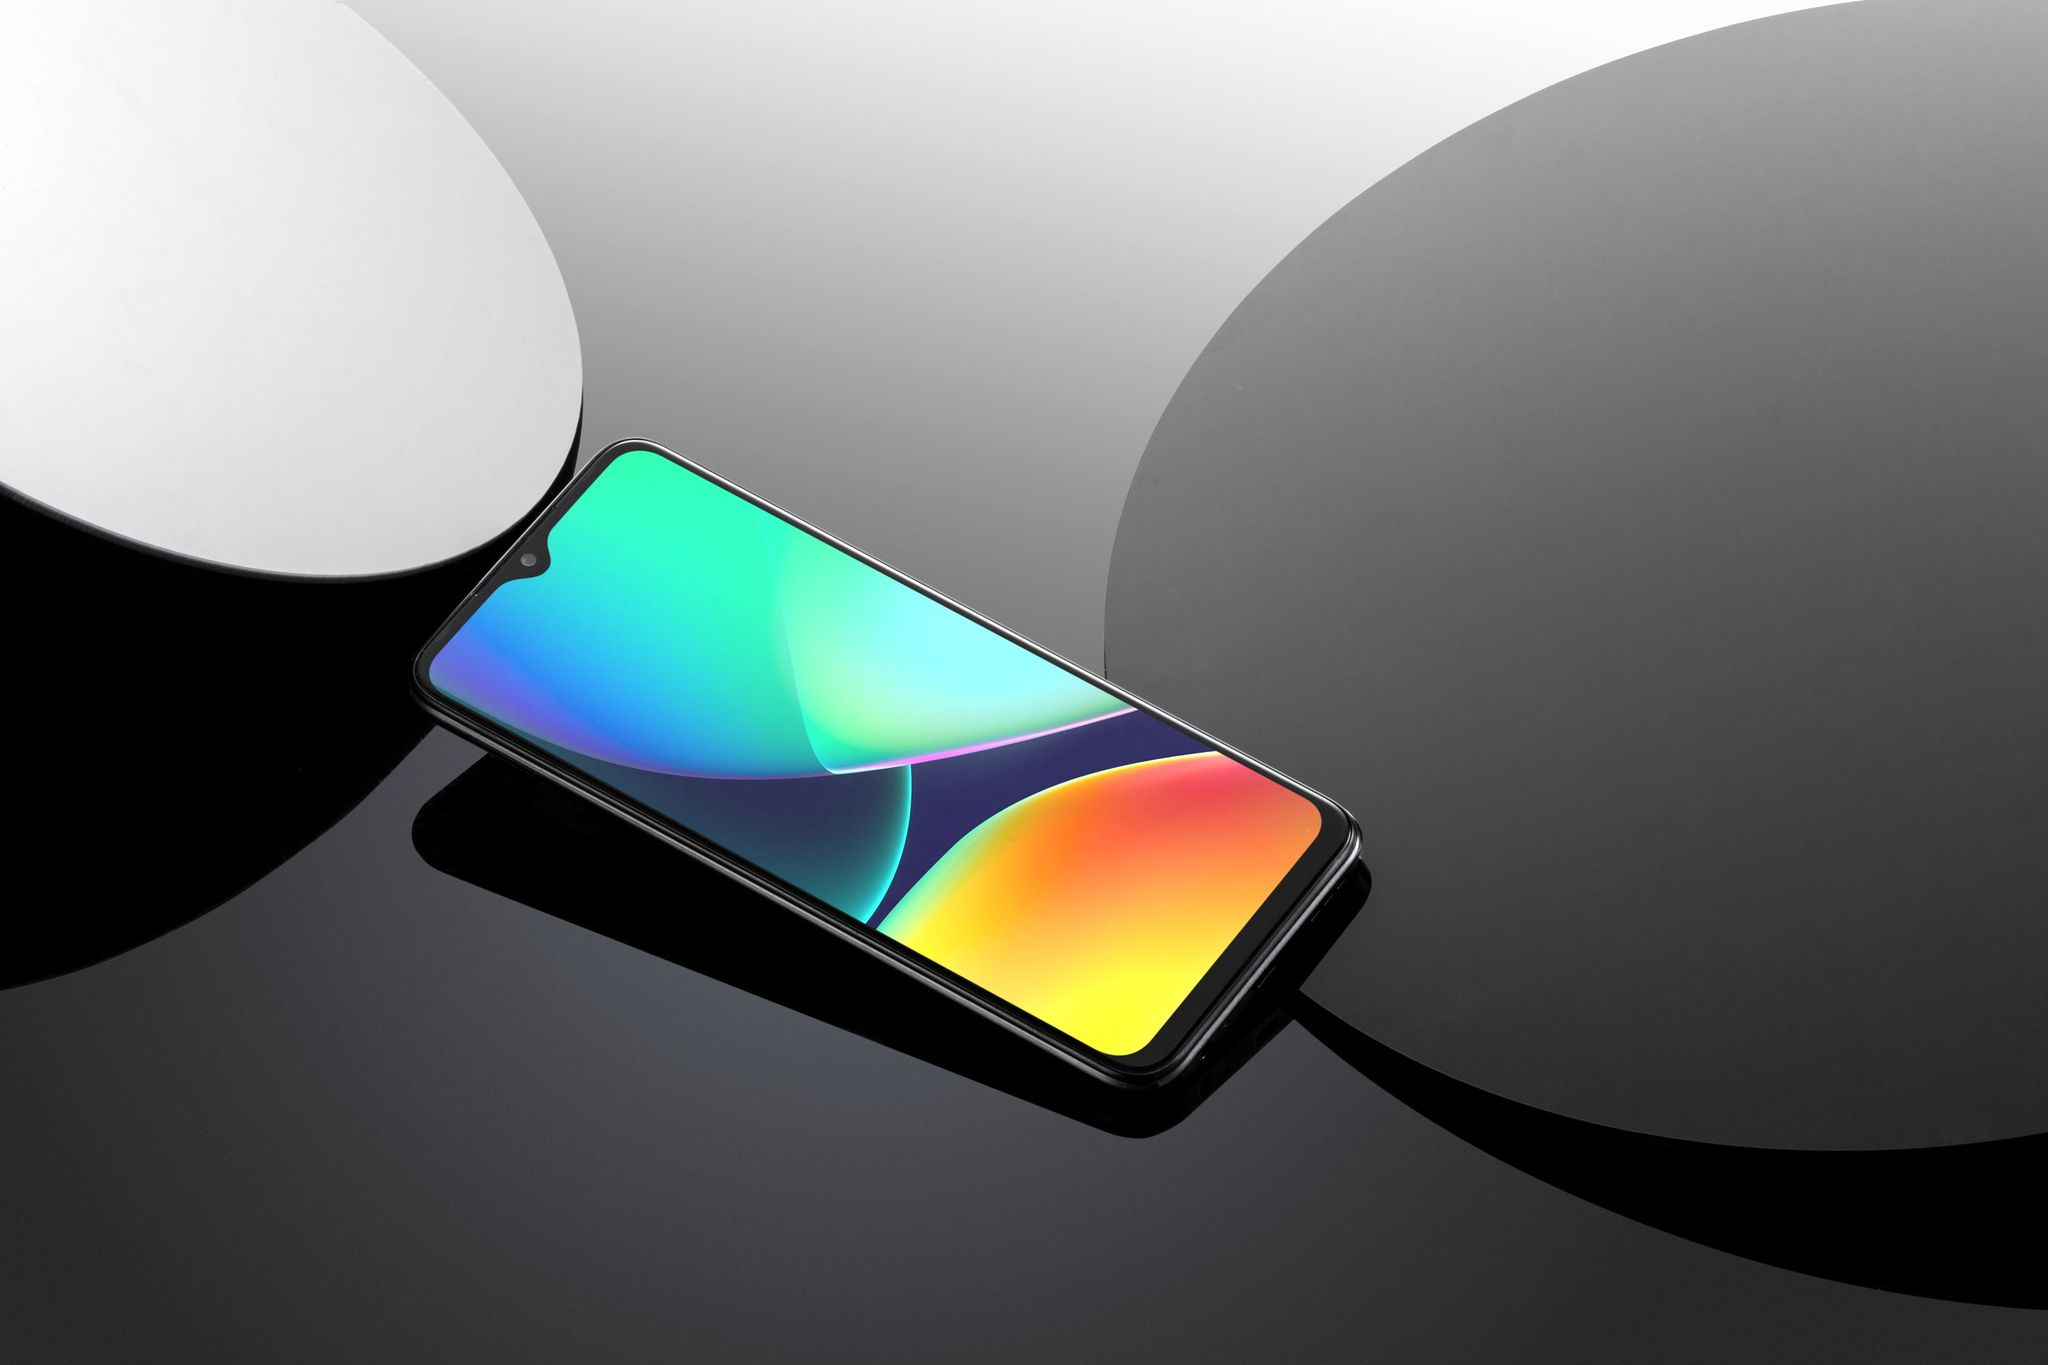 Infinix Mobility Limited Bakal Lancar Siri Hot 10S Khas Buat Peminat Permainan Video